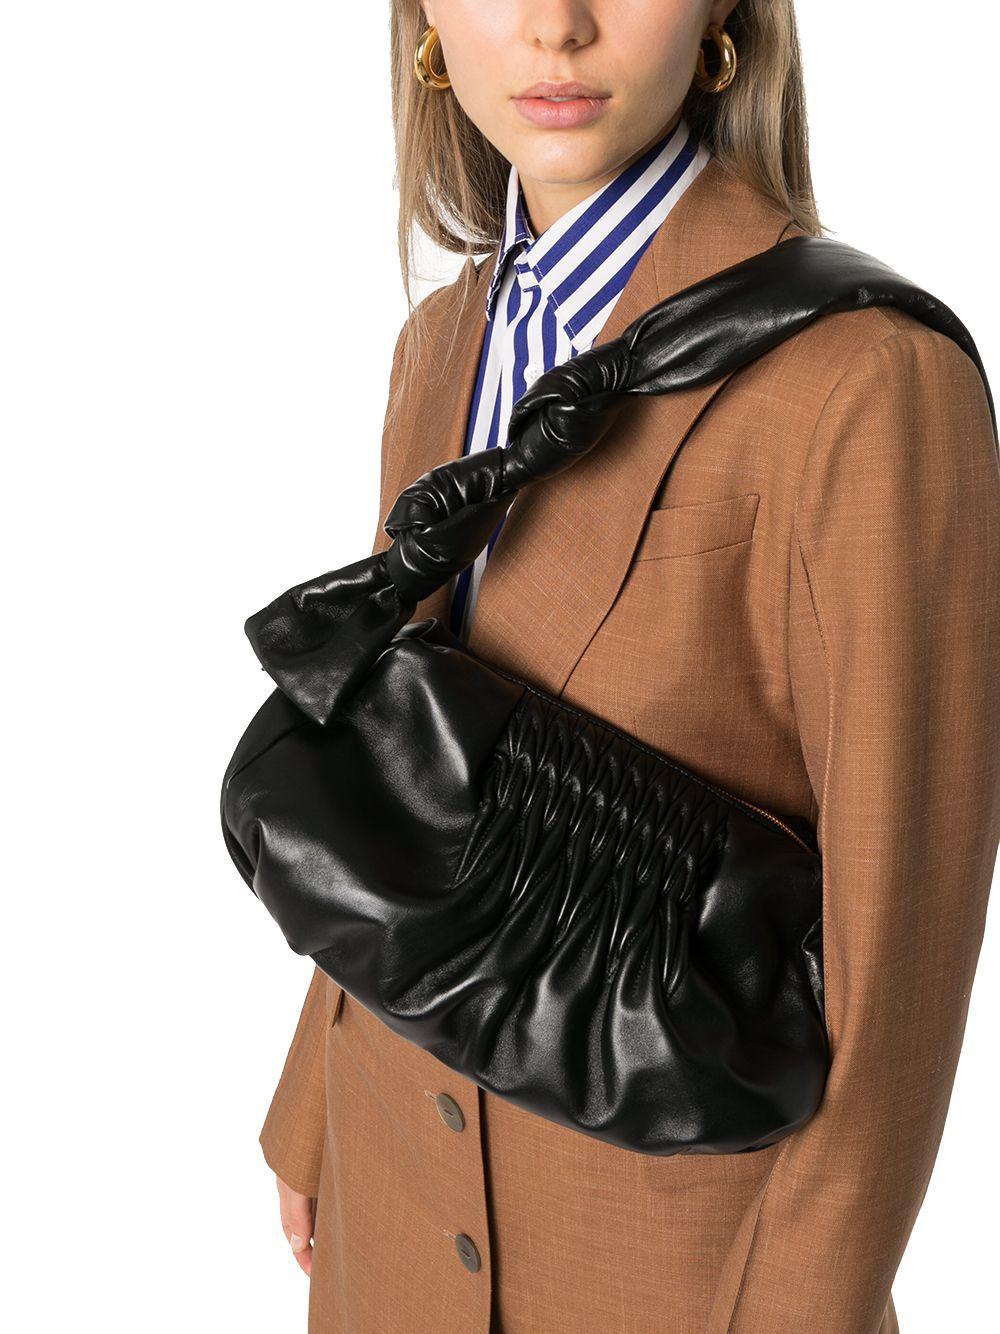 MIU MIU WOMEN'S 5BF0972C9PF0002 BLACK LEATHER SHOULDER BAG